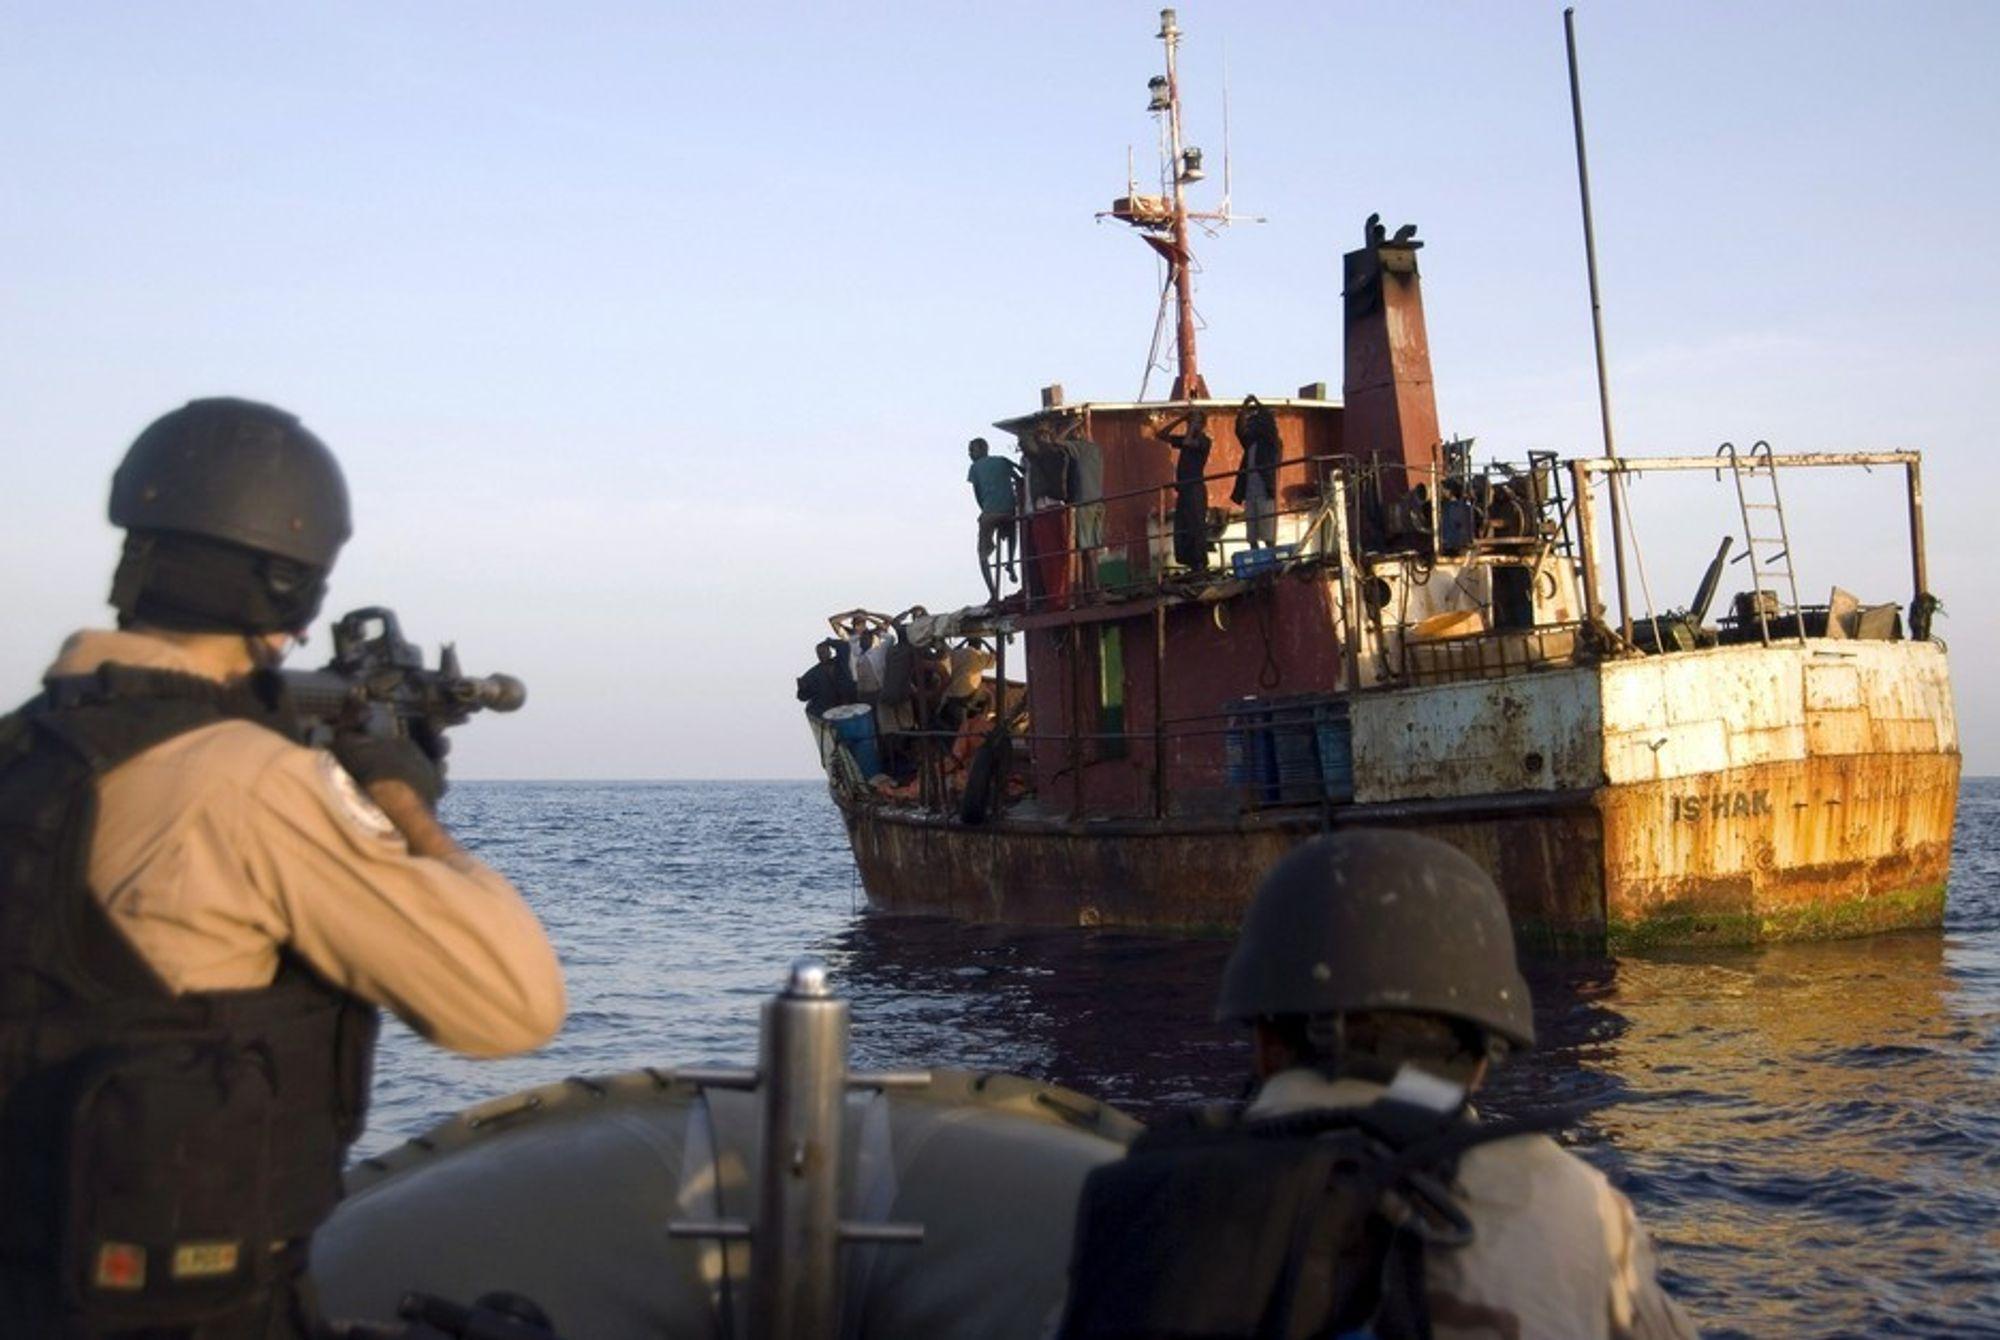 HOLDT: Nederlandske soldater arresterer pirater i Adenbukat utenfor Somalia.